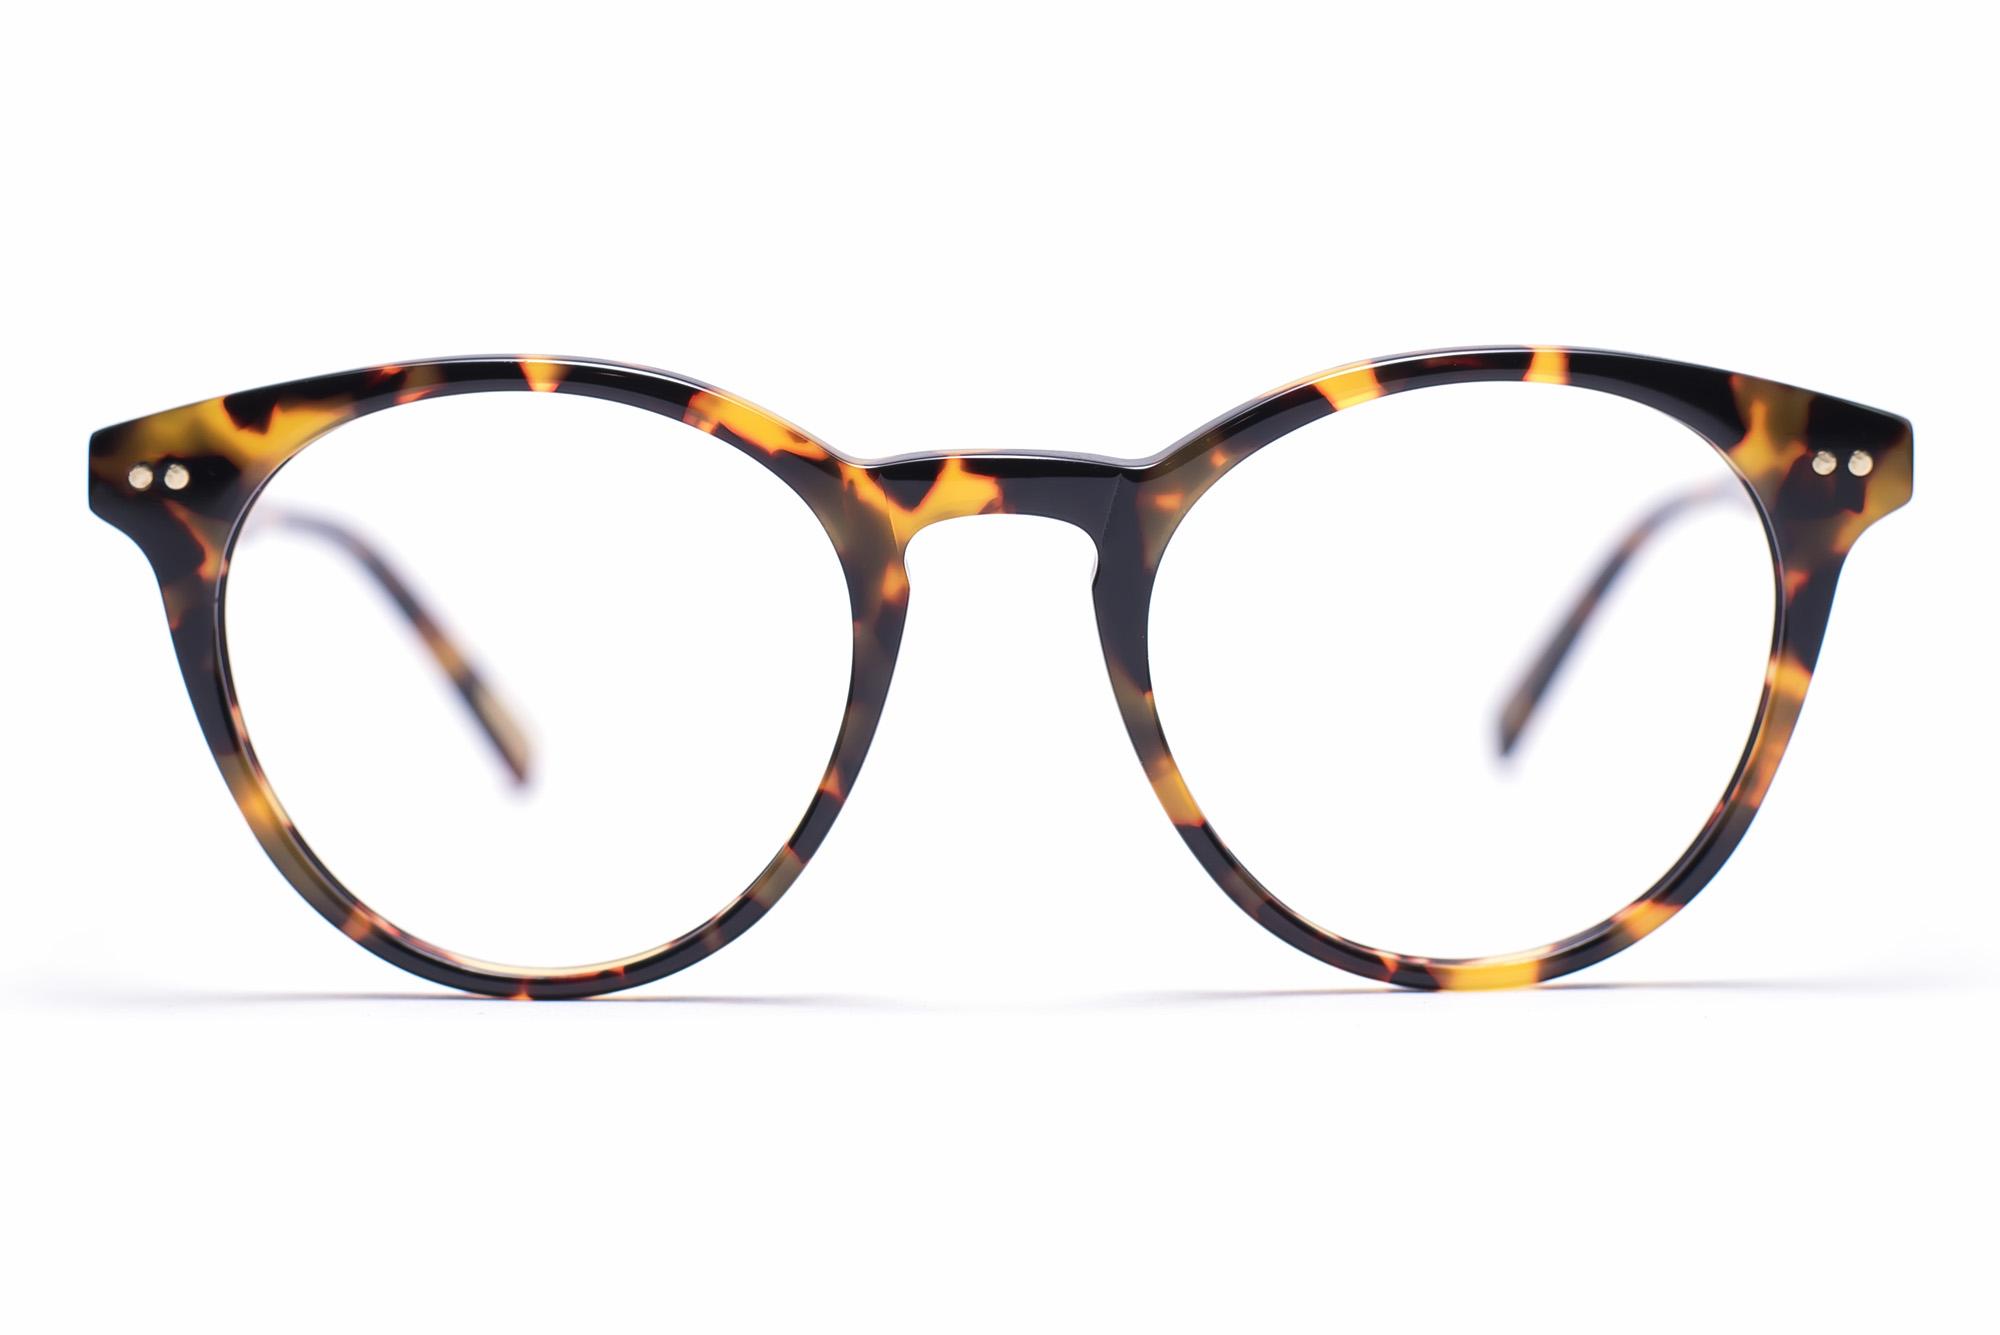 Γυαλιά οράσεως Bluesky Reunion Amber Πειραιάς